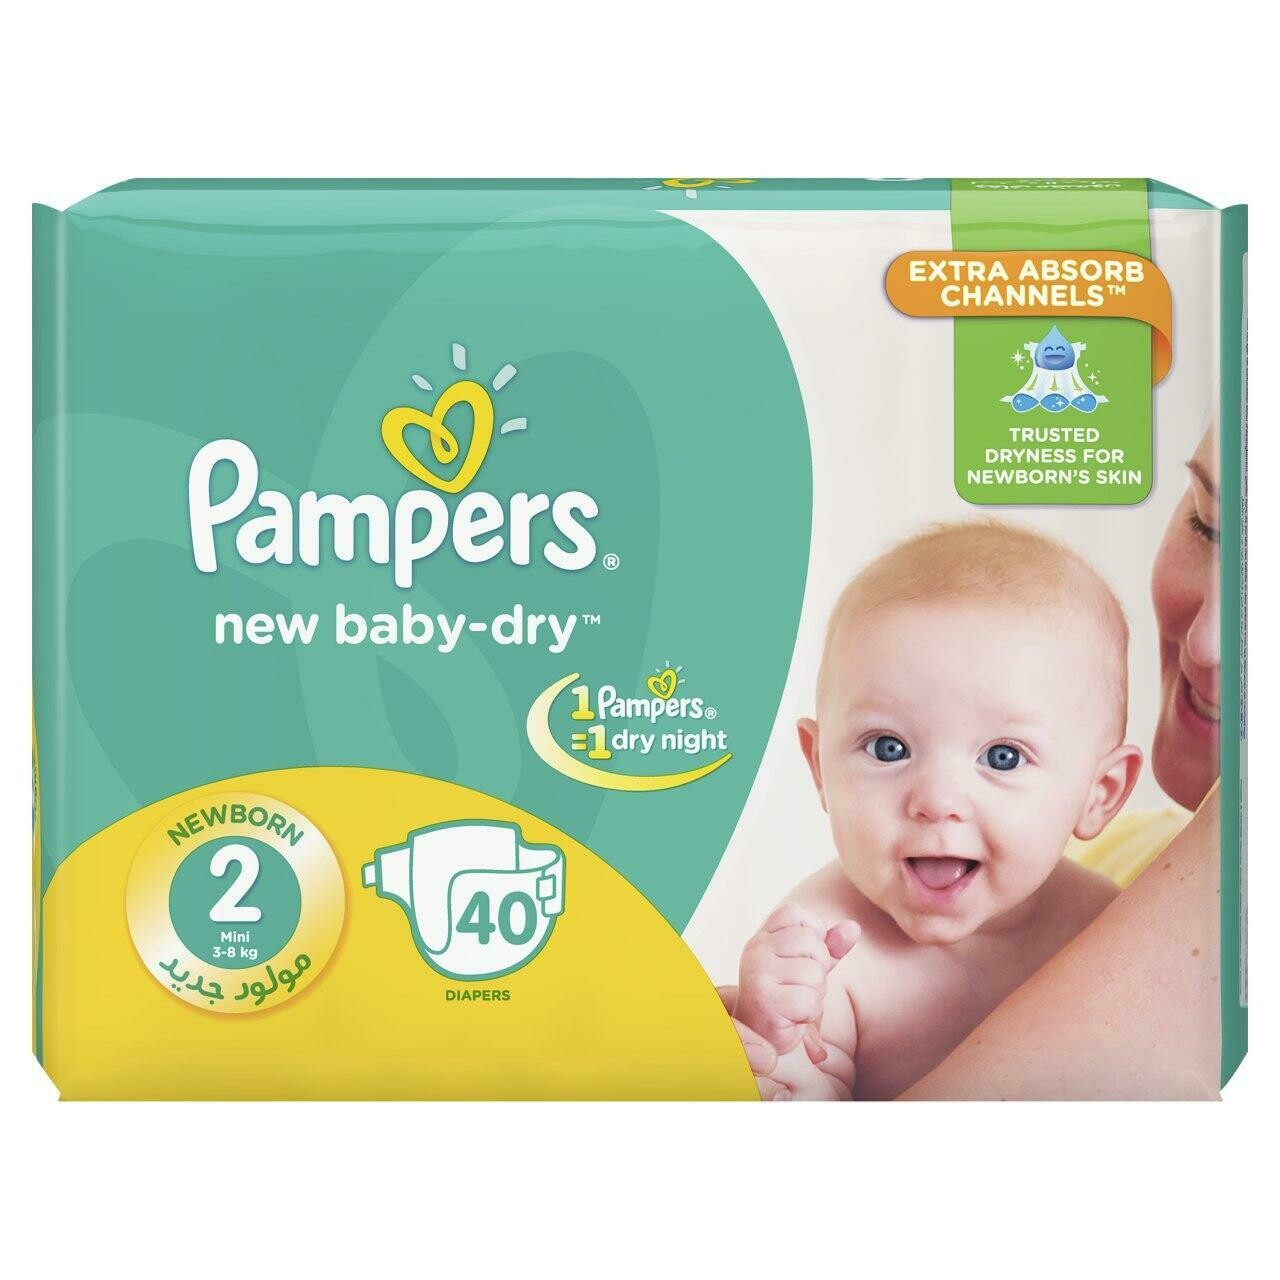 ፓምፐርስ ዳይፐር Pampers Diaper (Ethiopia Only)